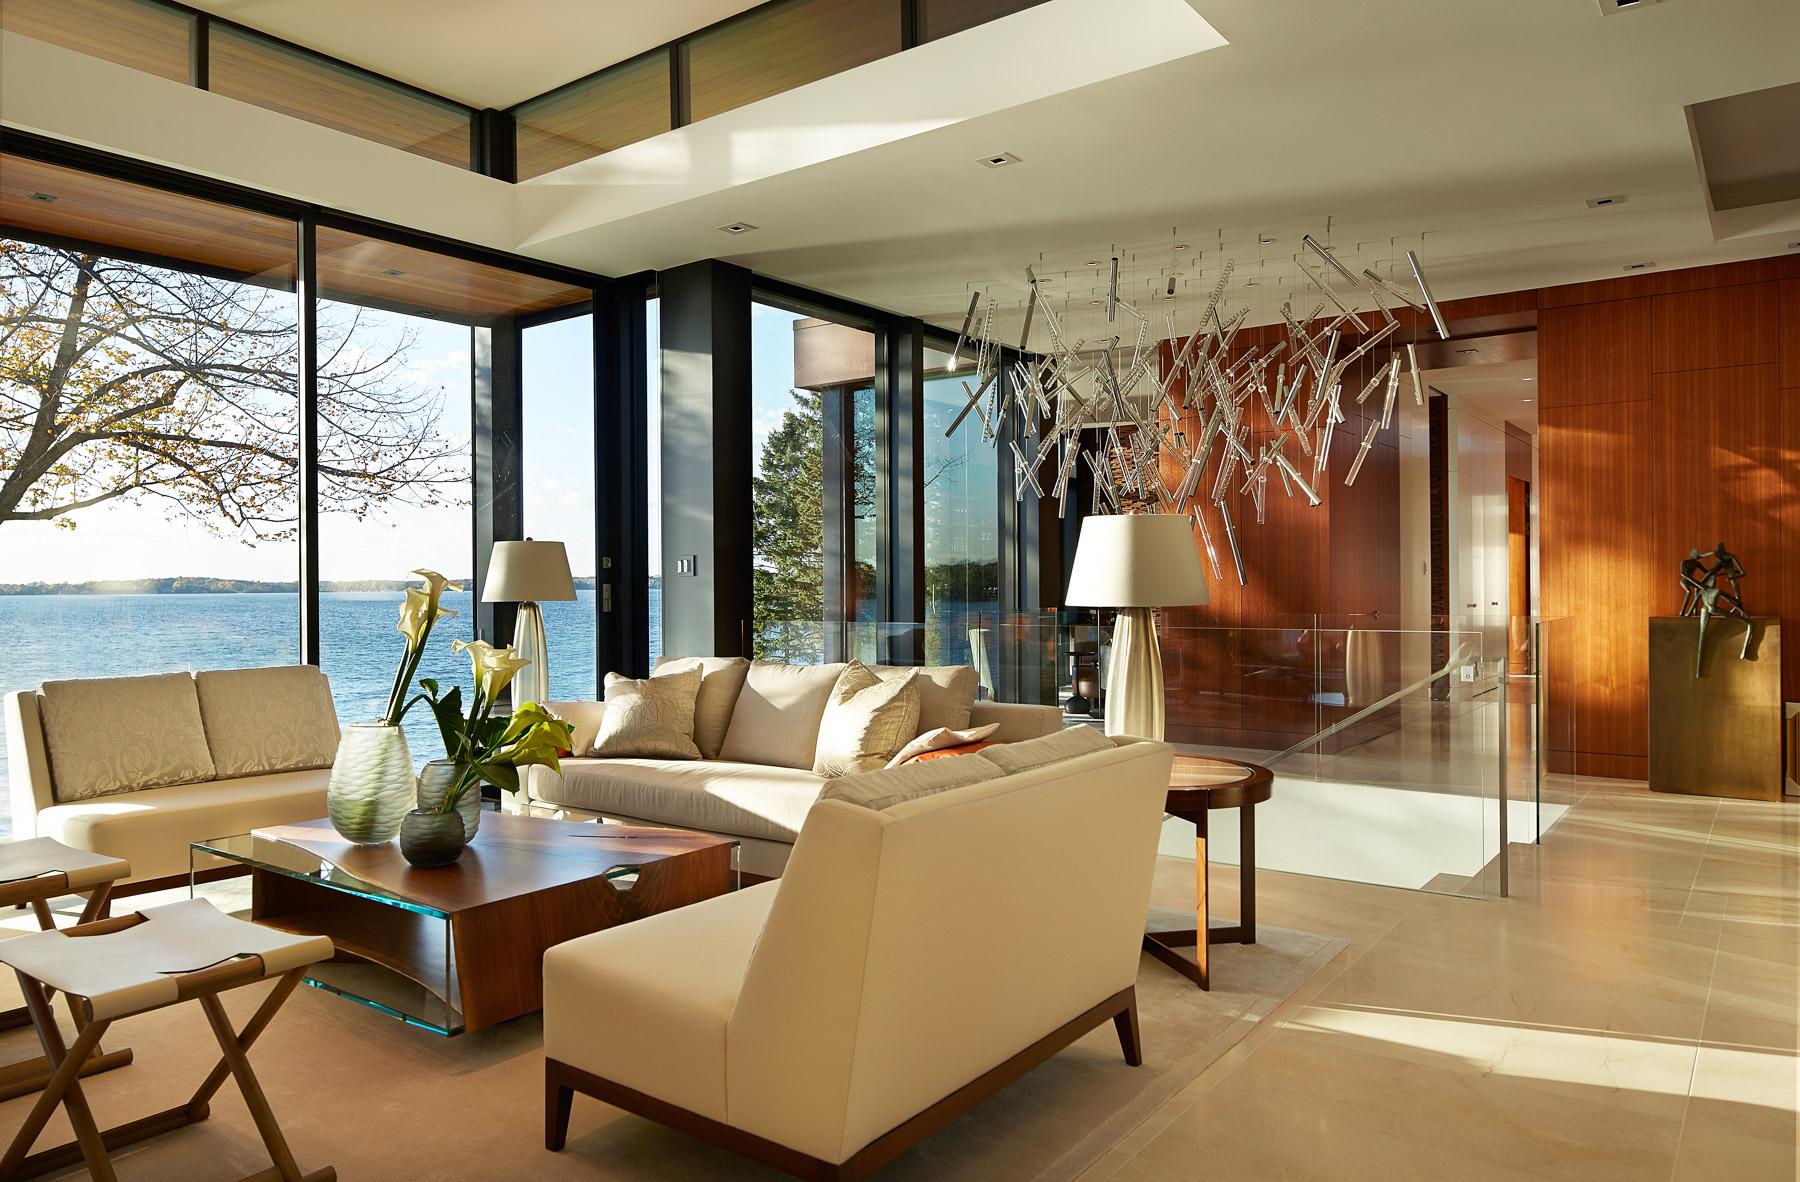 Alene Workman Interior Design | Defining Luxury